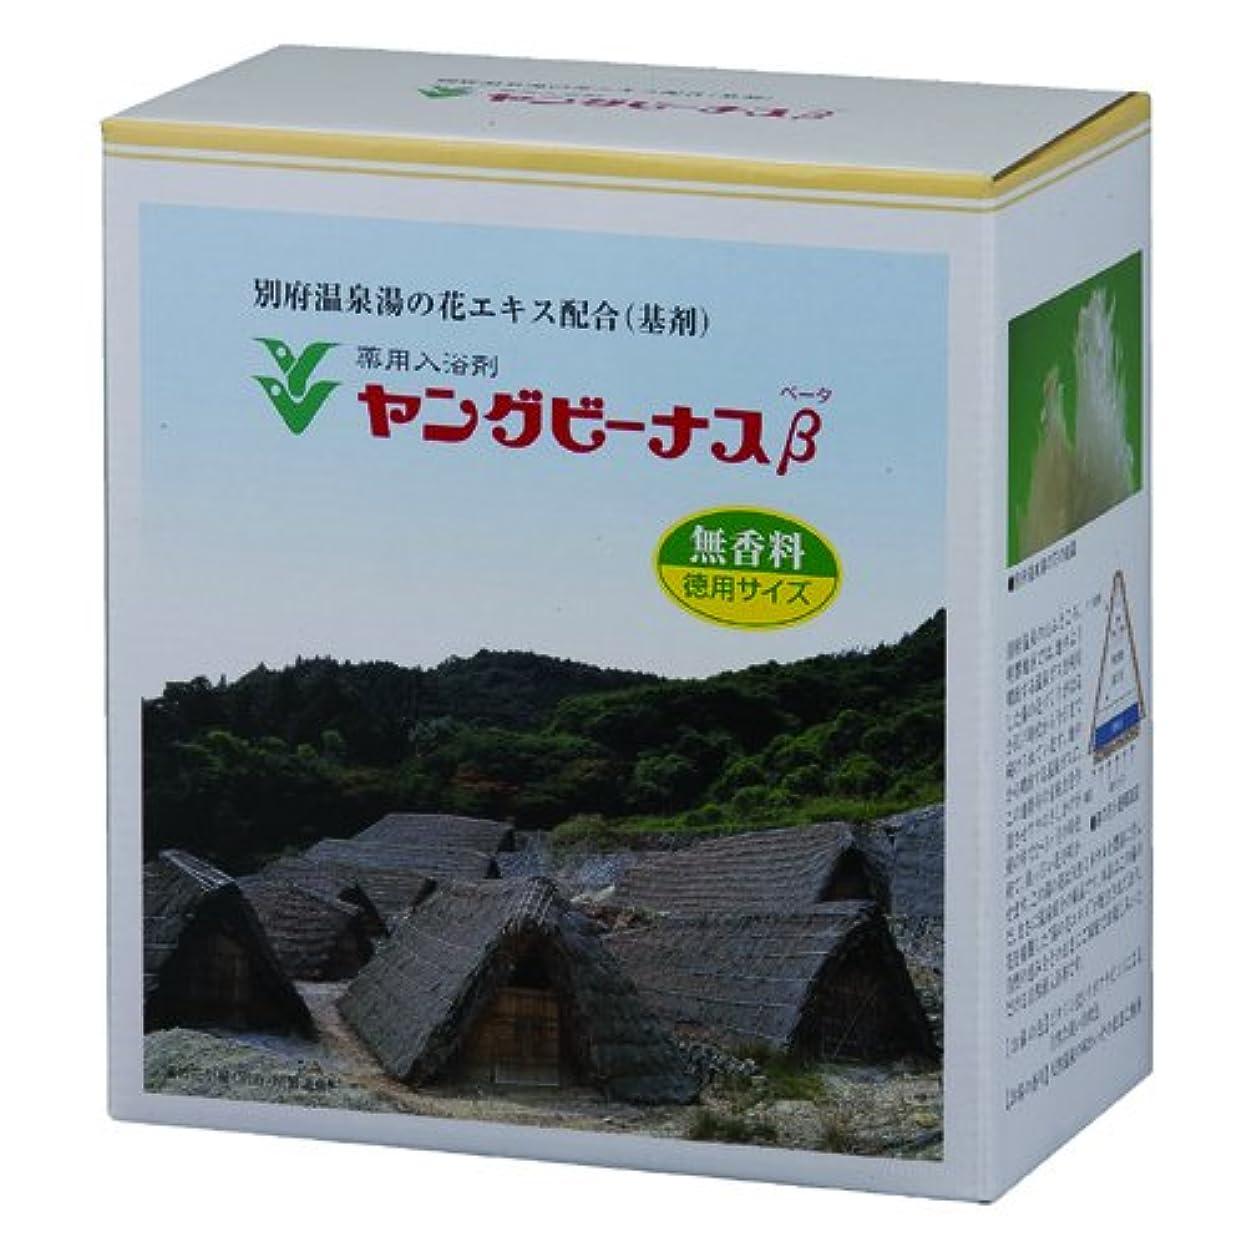 お風呂を持っているスペア必要としている薬用入浴剤 ヤングビーナスβ 徳用サイズCX-30β